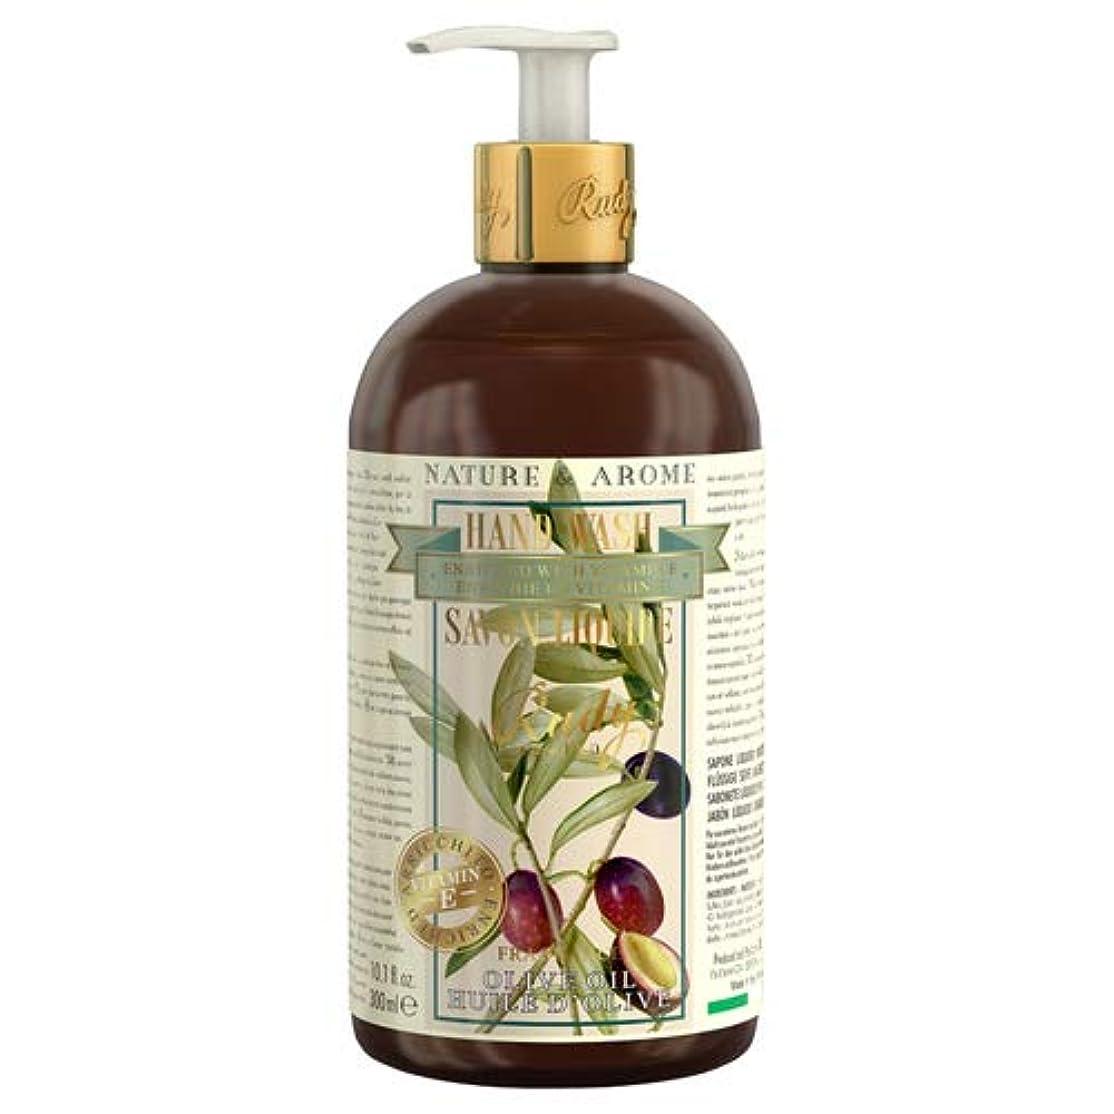 候補者セーブ慈善ルディ(Rudy) RUDY Nature&Arome Apothecary ネイチャーアロマ アポセカリー Hand Wash ハンドウォッシュ(ボディソープ) Olive Oil オリーブオイル